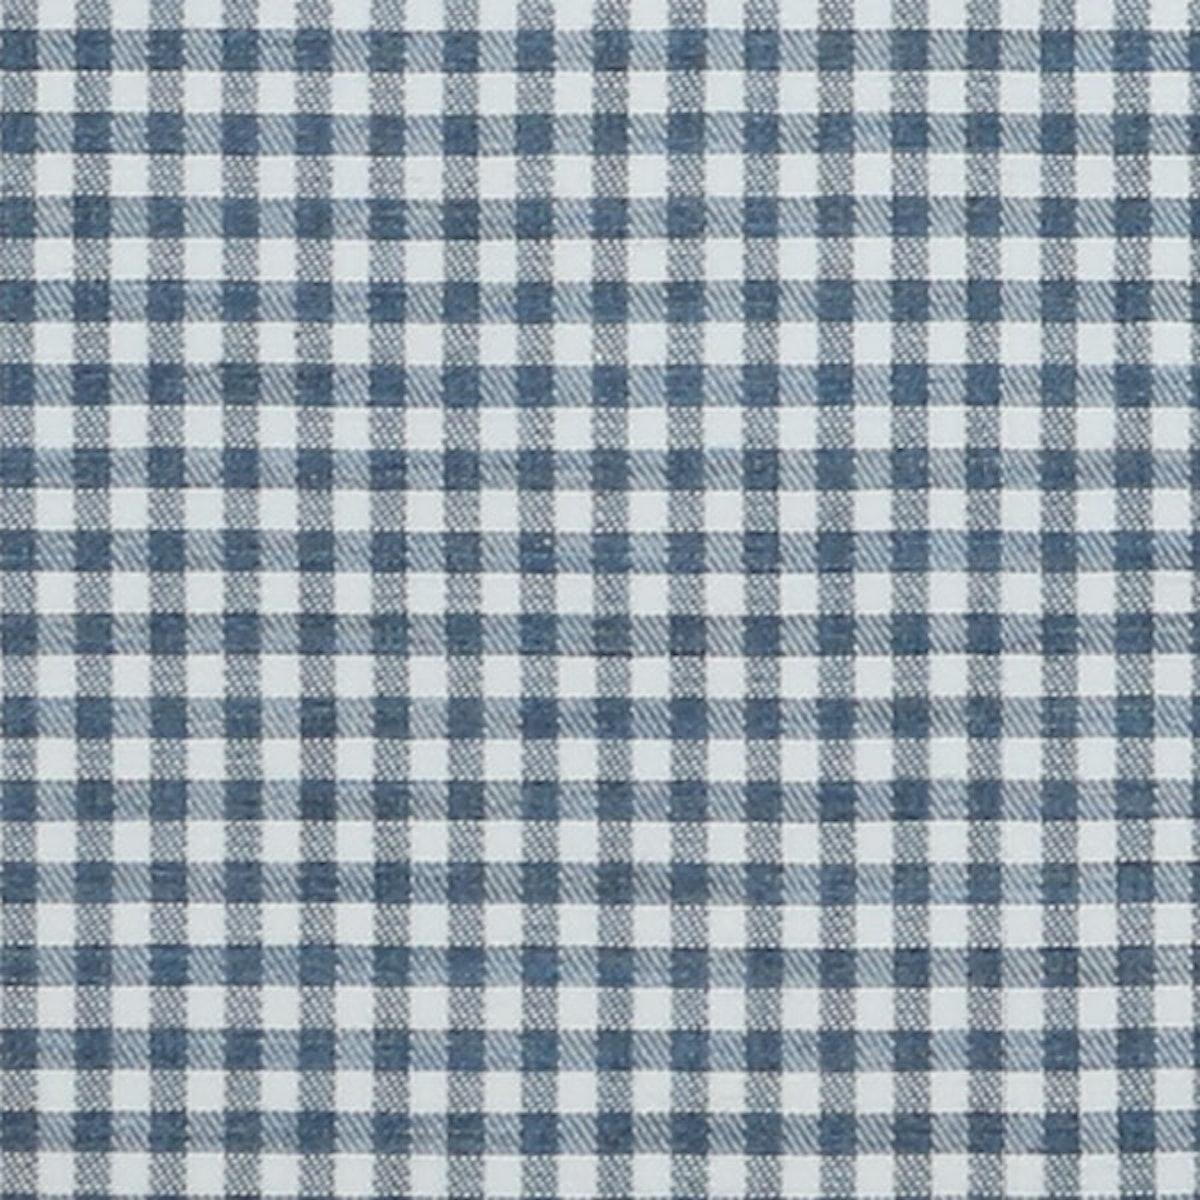 InStitchu Shirt Fabric 4399